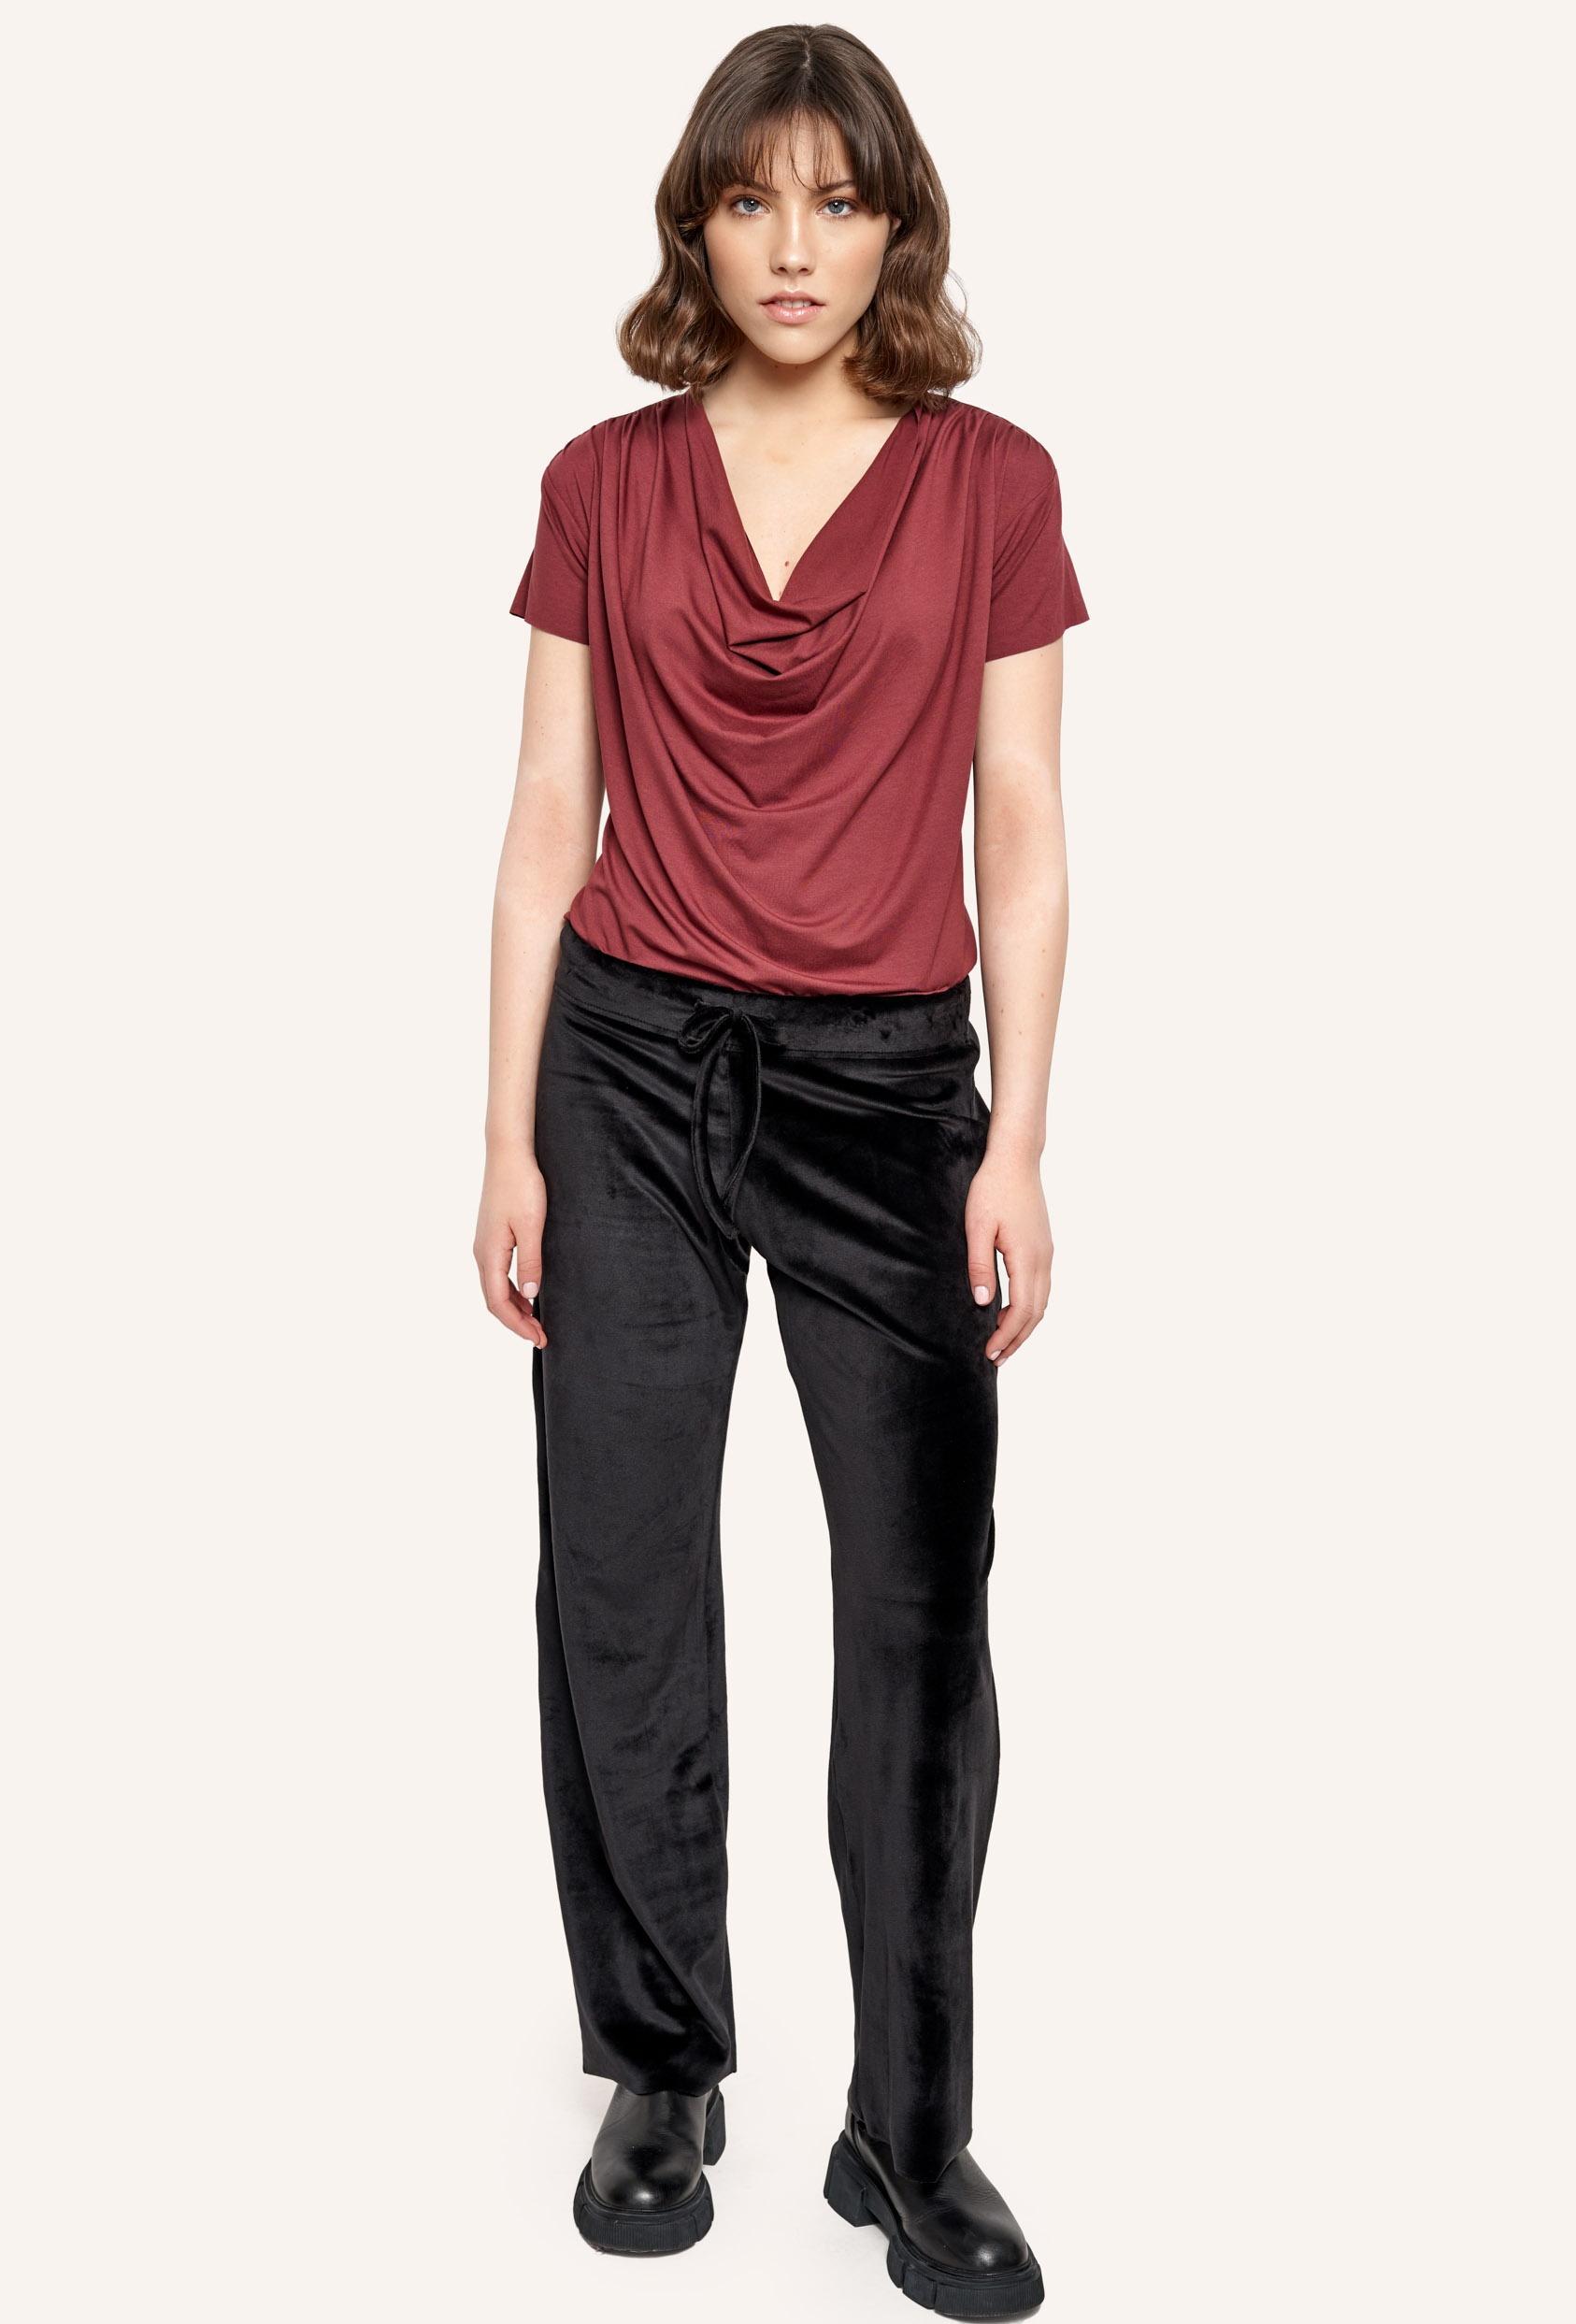 Spodnie bawełniane LUCCA PANTS LTD czarne